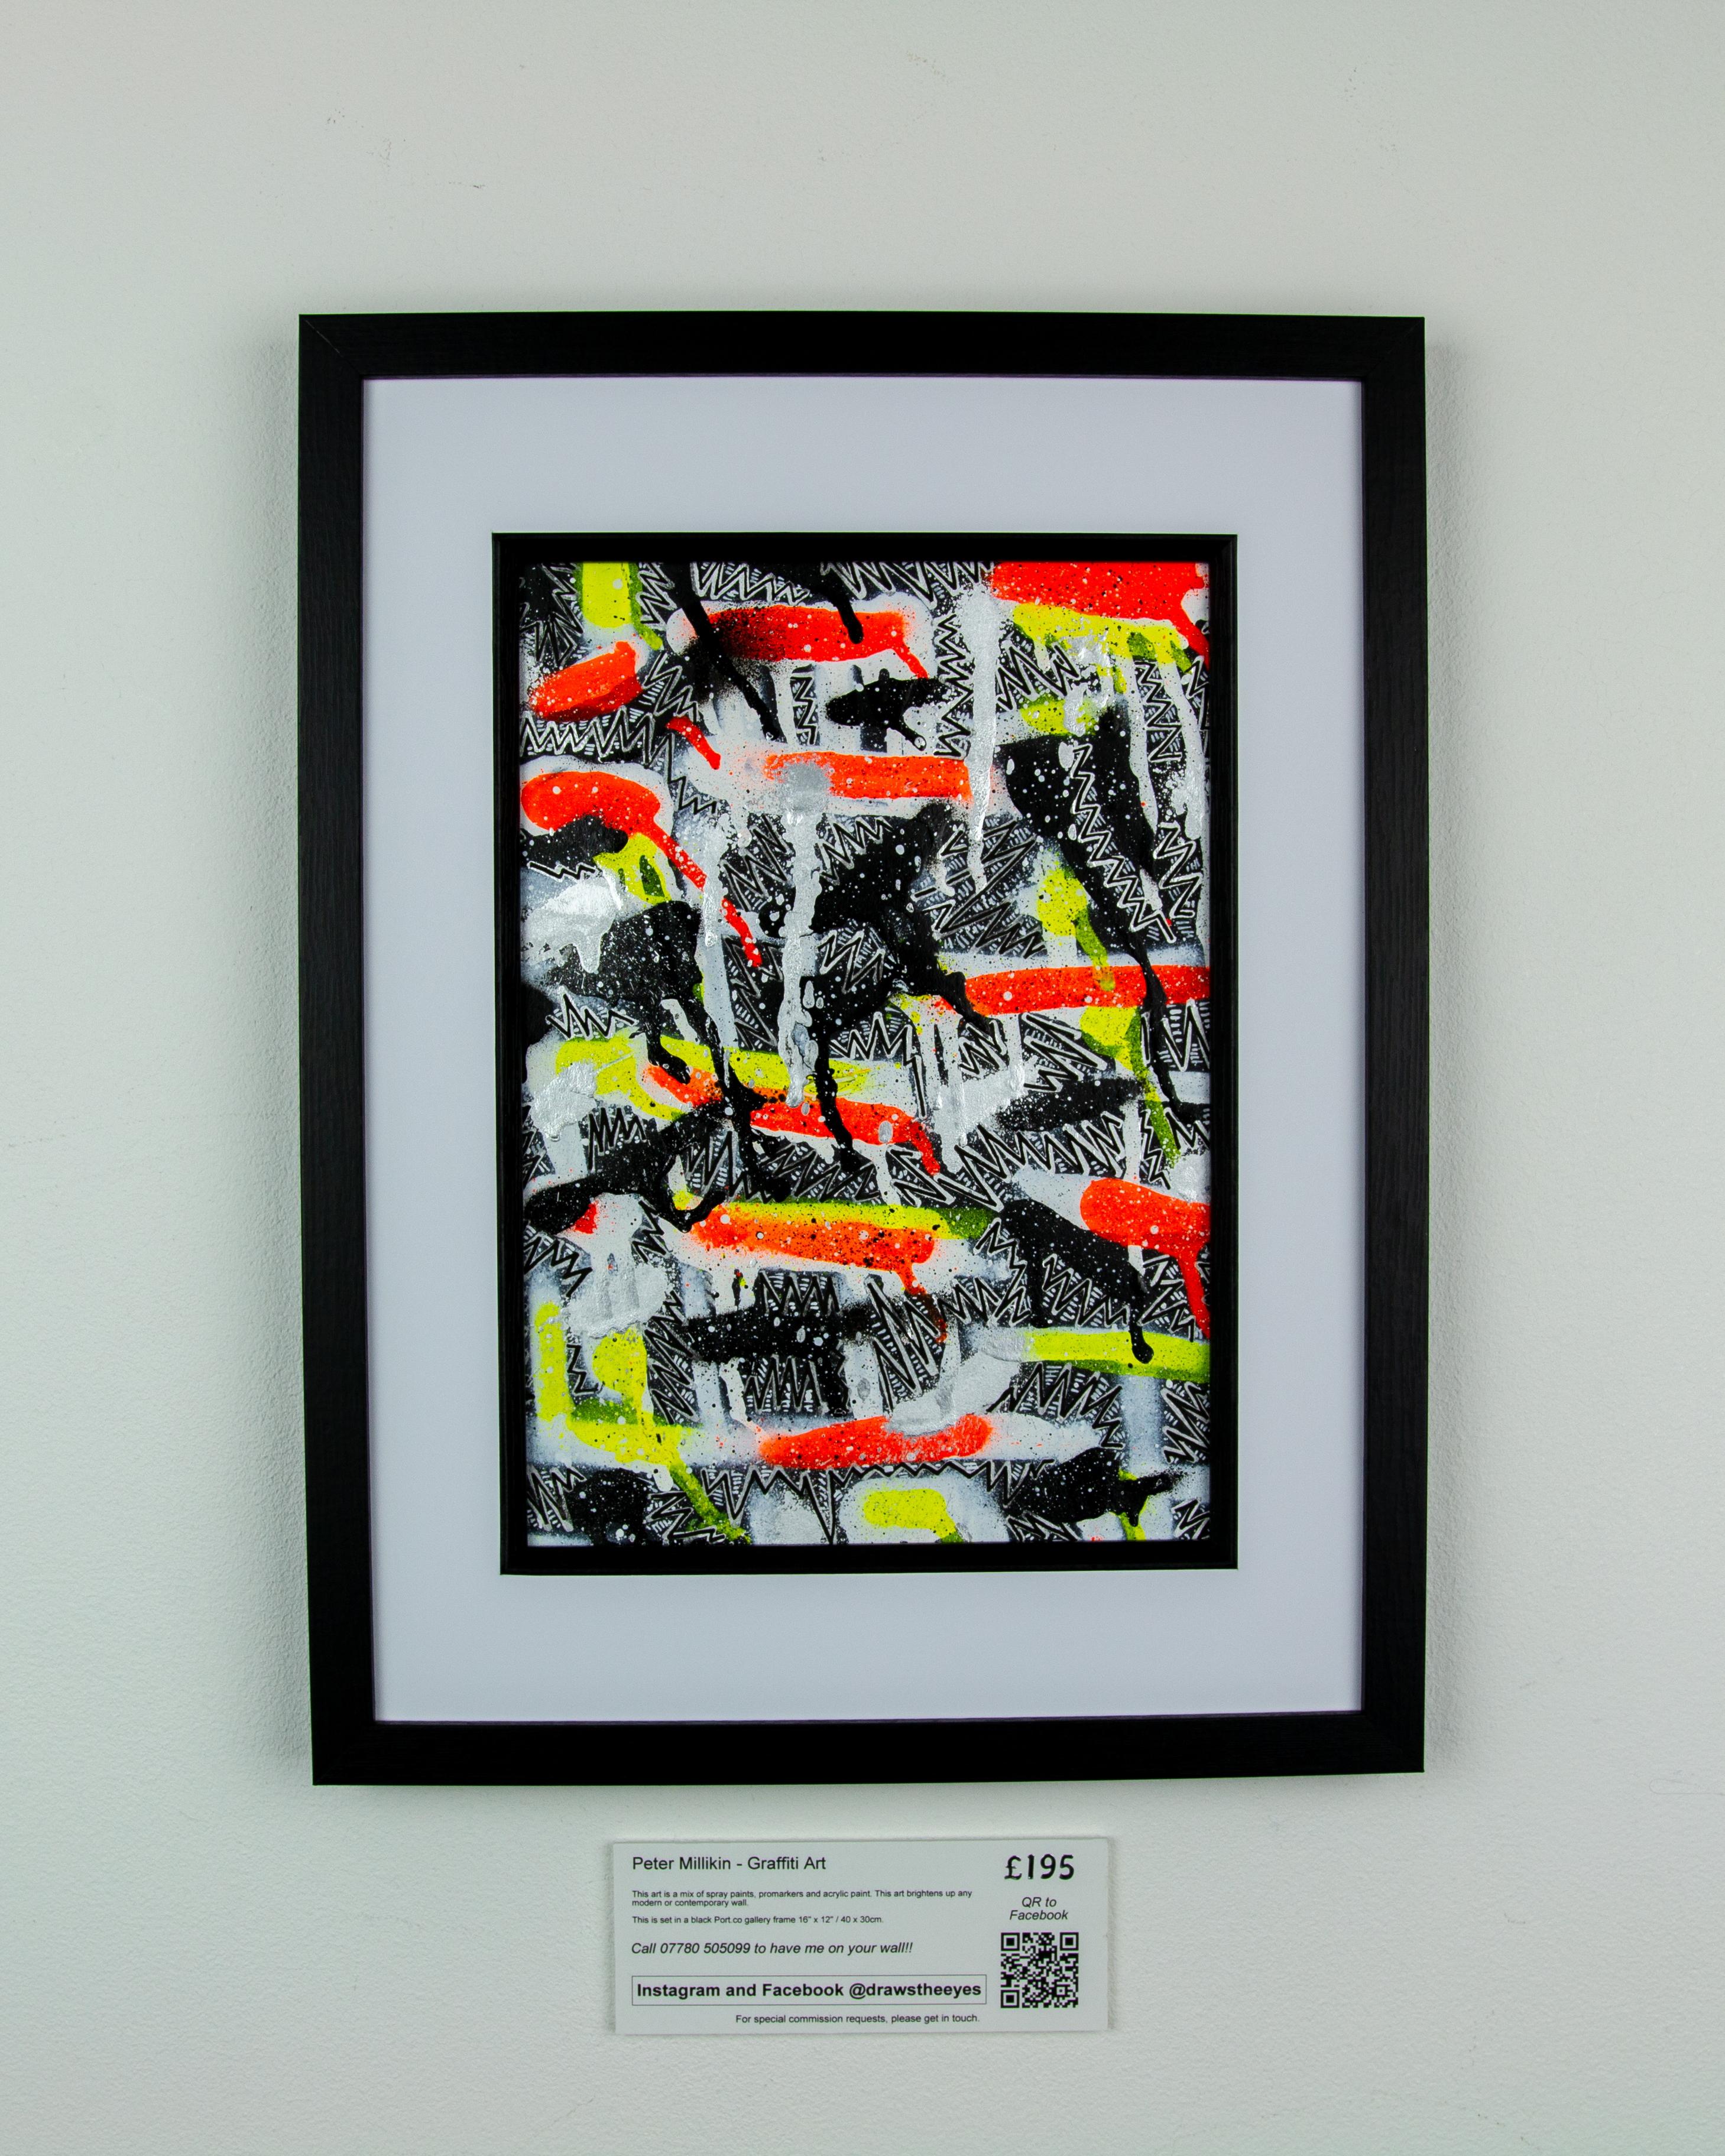 Framed A4 Spray Paint On Card – Marina Vista 06